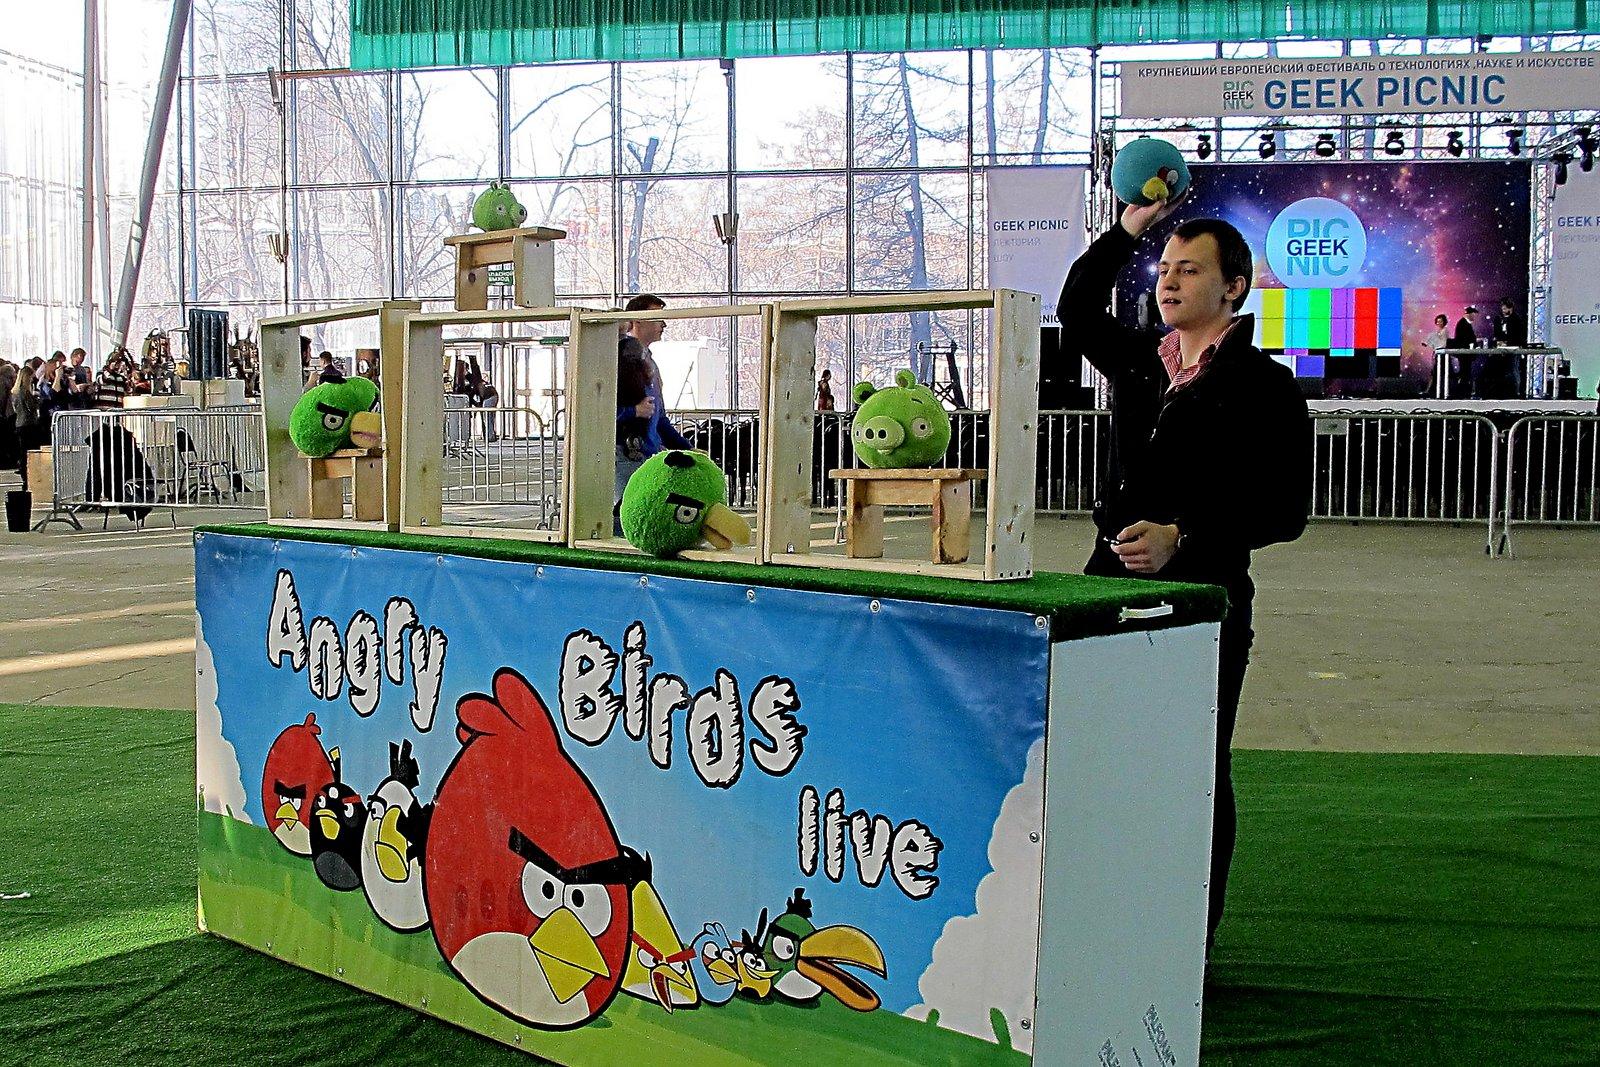 """Игра """"Angry Birds"""" тоже была придумана в Финляндии и тоже внесла немалый вклад в экономику страны, который, благодаря малым размерам, ощущается гораздо сильнее, чем в большой стране. Фото: Александр Красоткин, """"Википедия"""""""